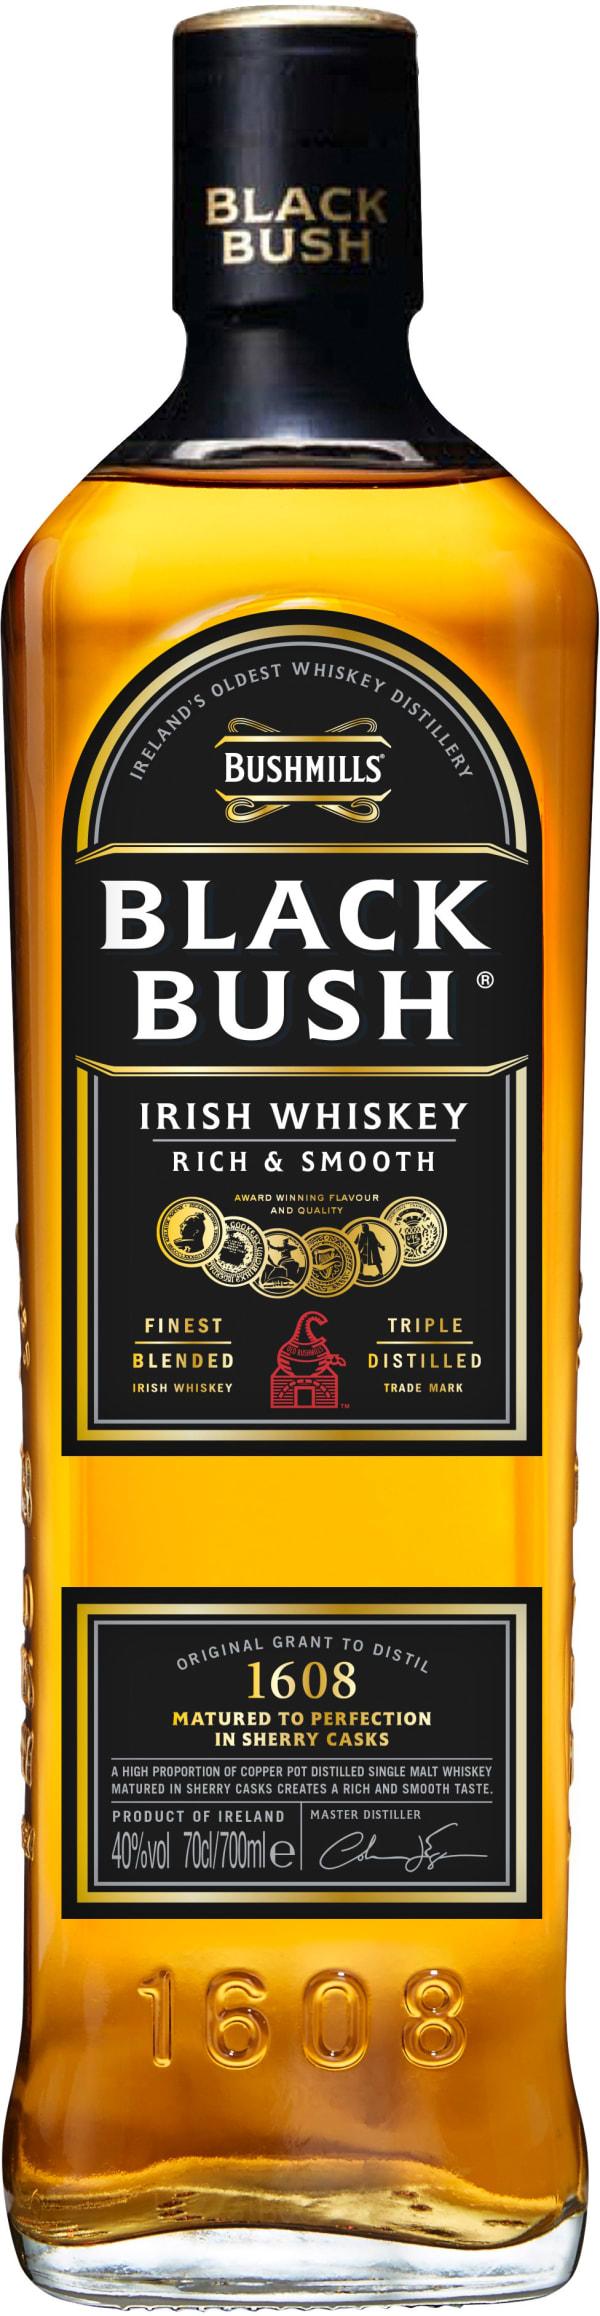 Bushmills Black Bush presentförpackning